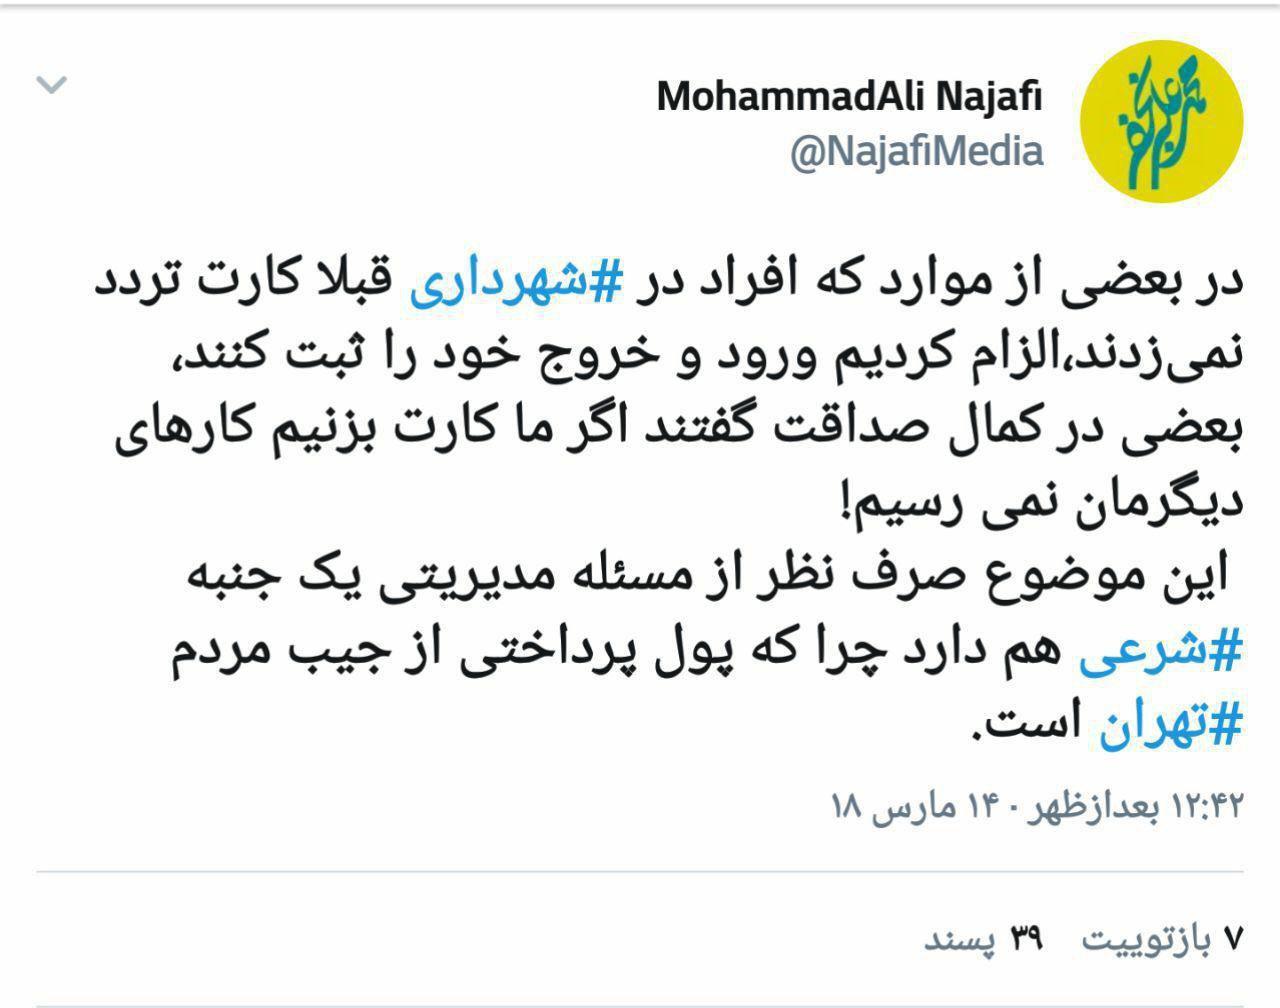 آخرین توئیت نجفی بعد از استعفا